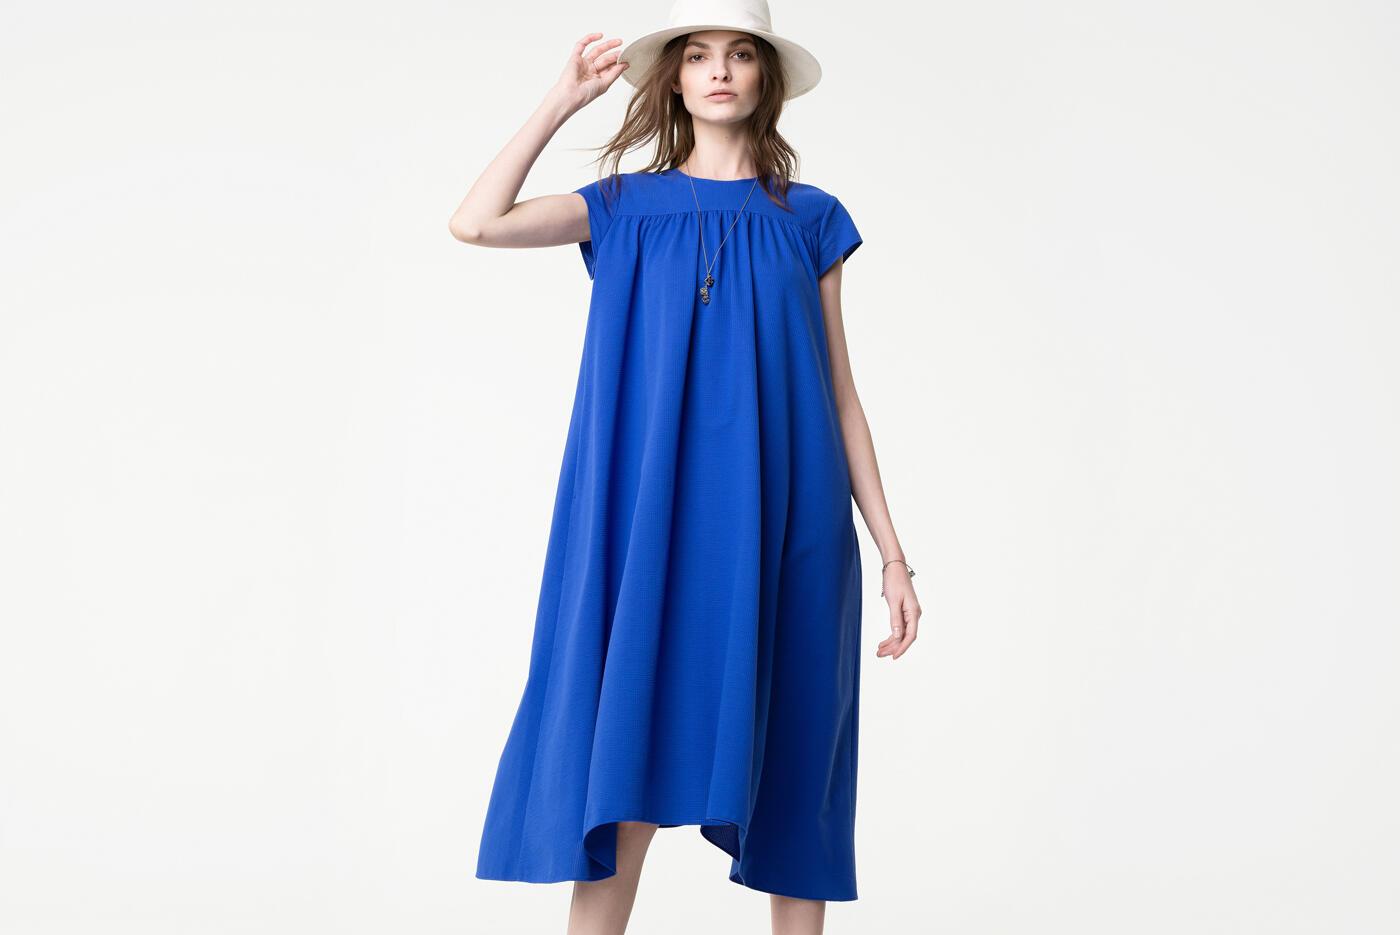 ビビッドカラーで彩る夏の装い